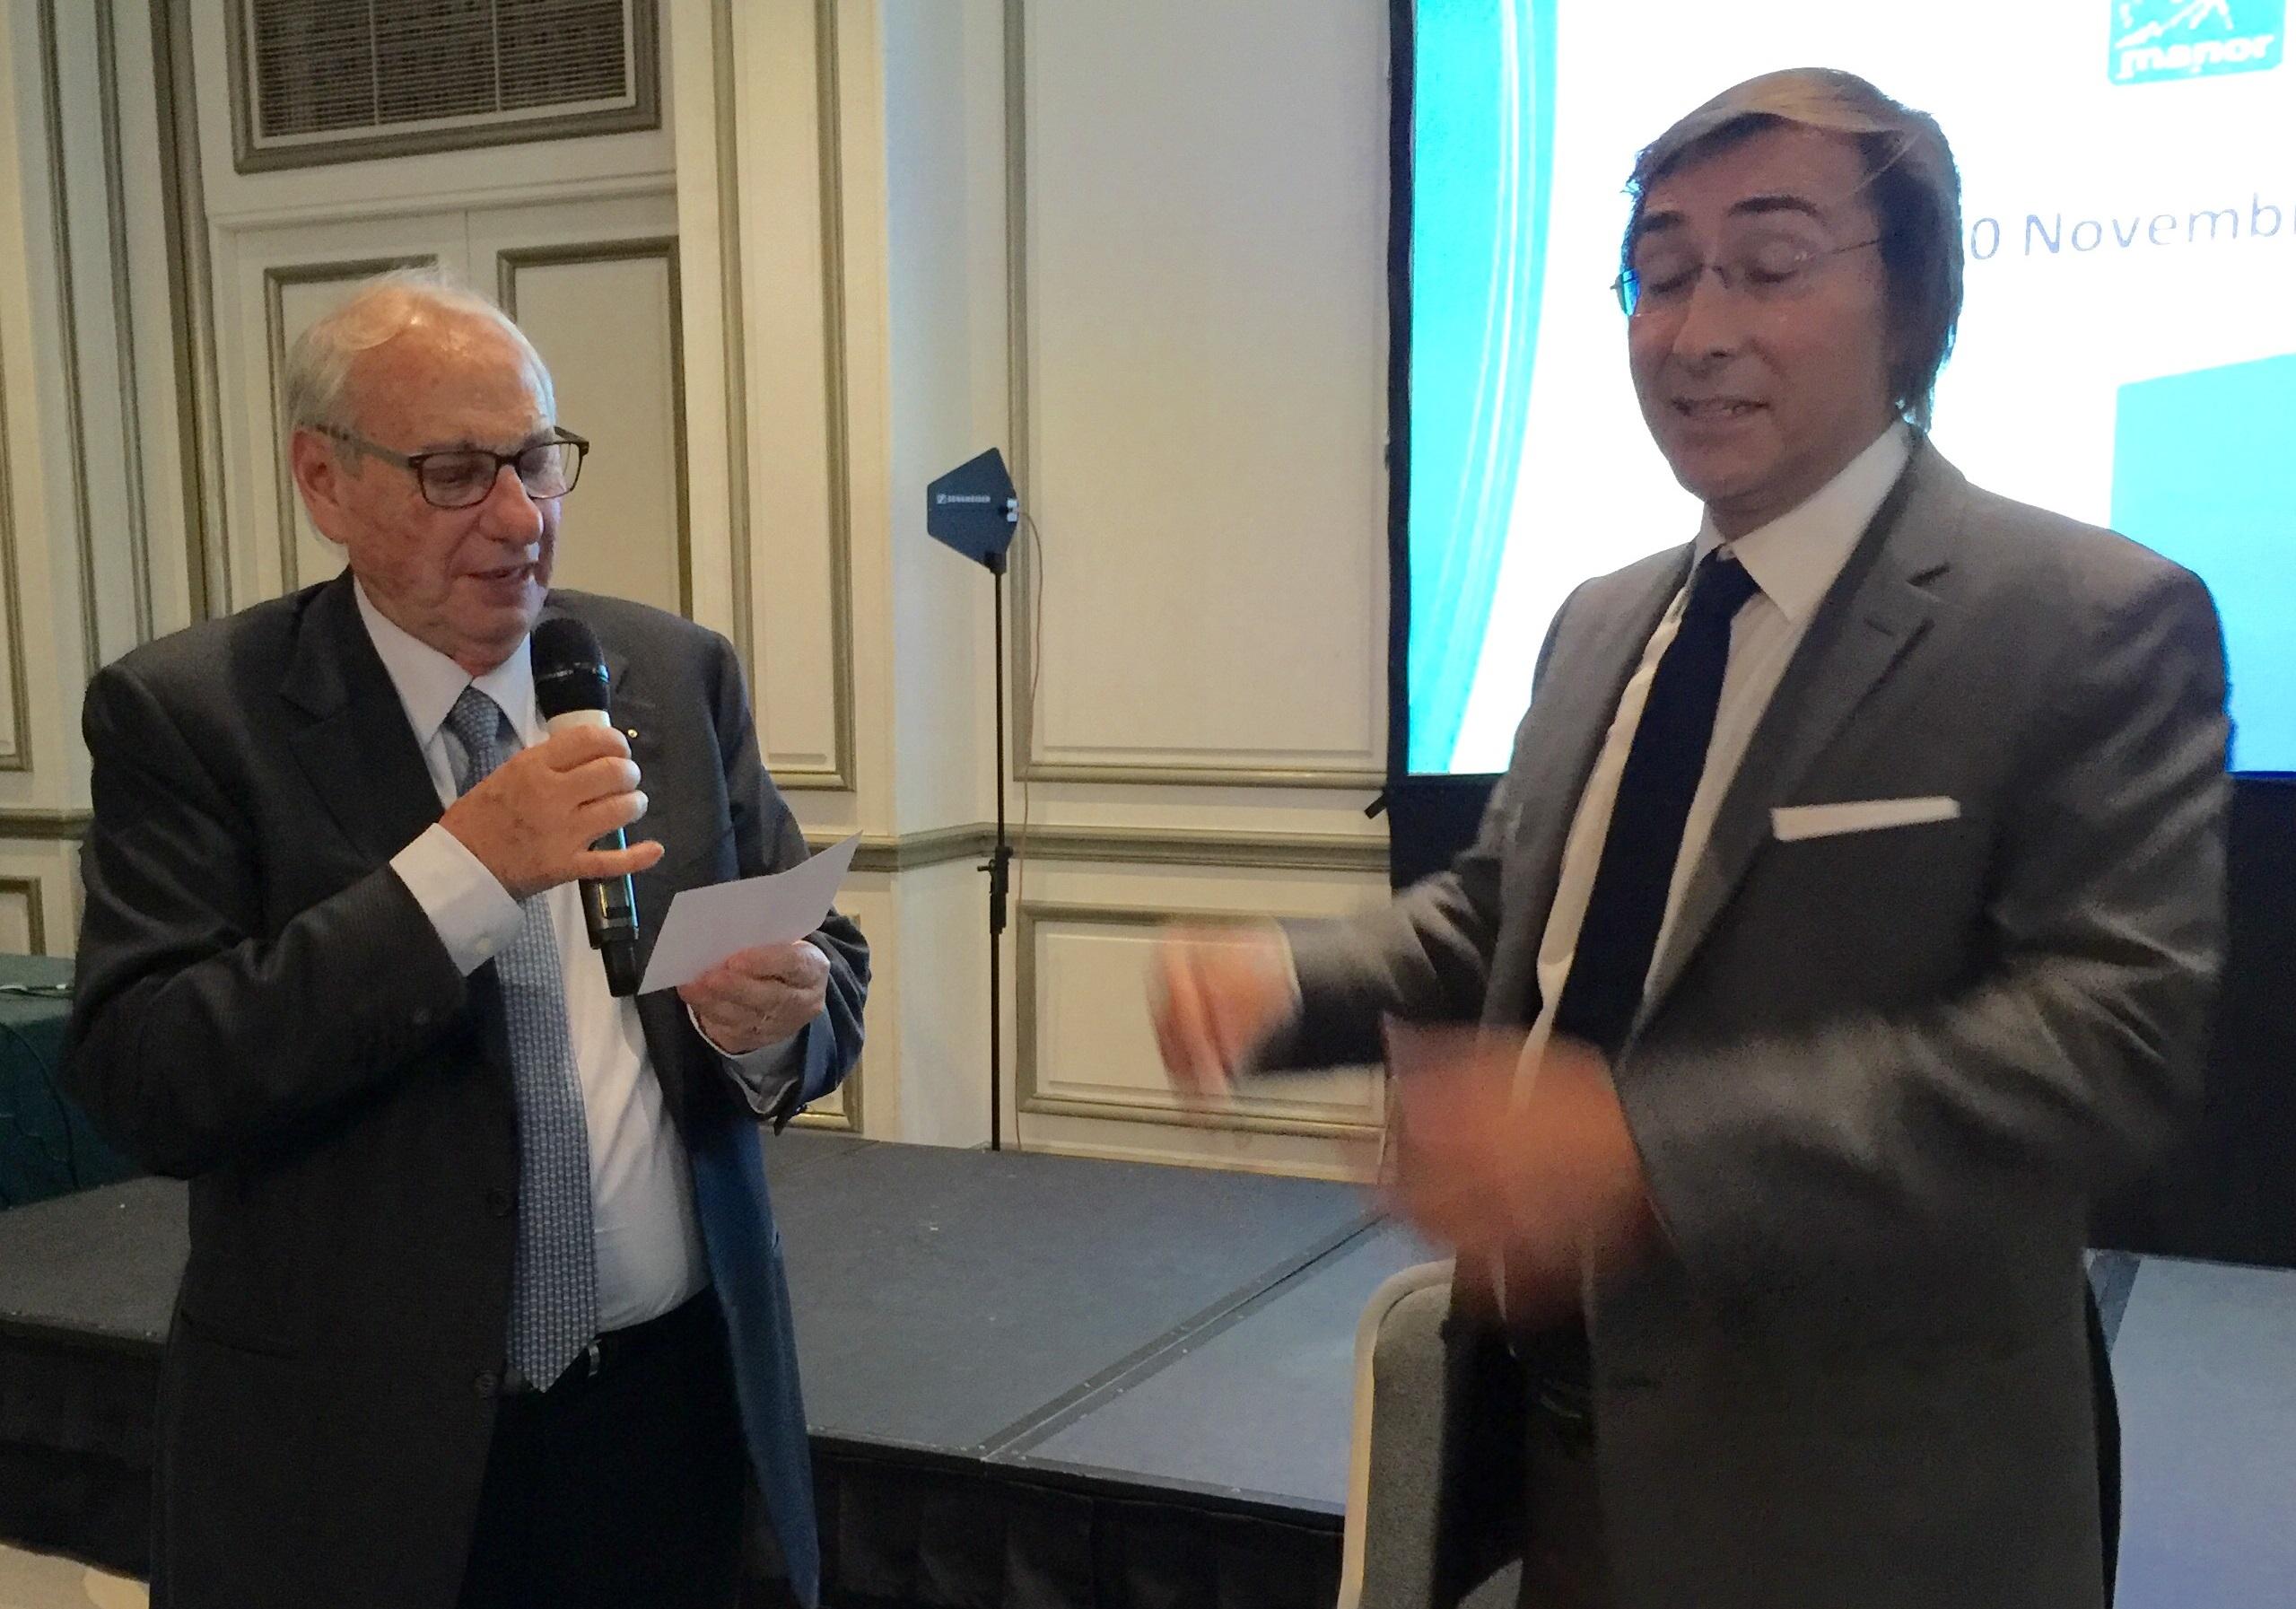 Jacques Paget, cet avocat devenu magicien, n'a pas besoin de chapeau ni de lapin pour impressionner Jean Korcia, illusionné !